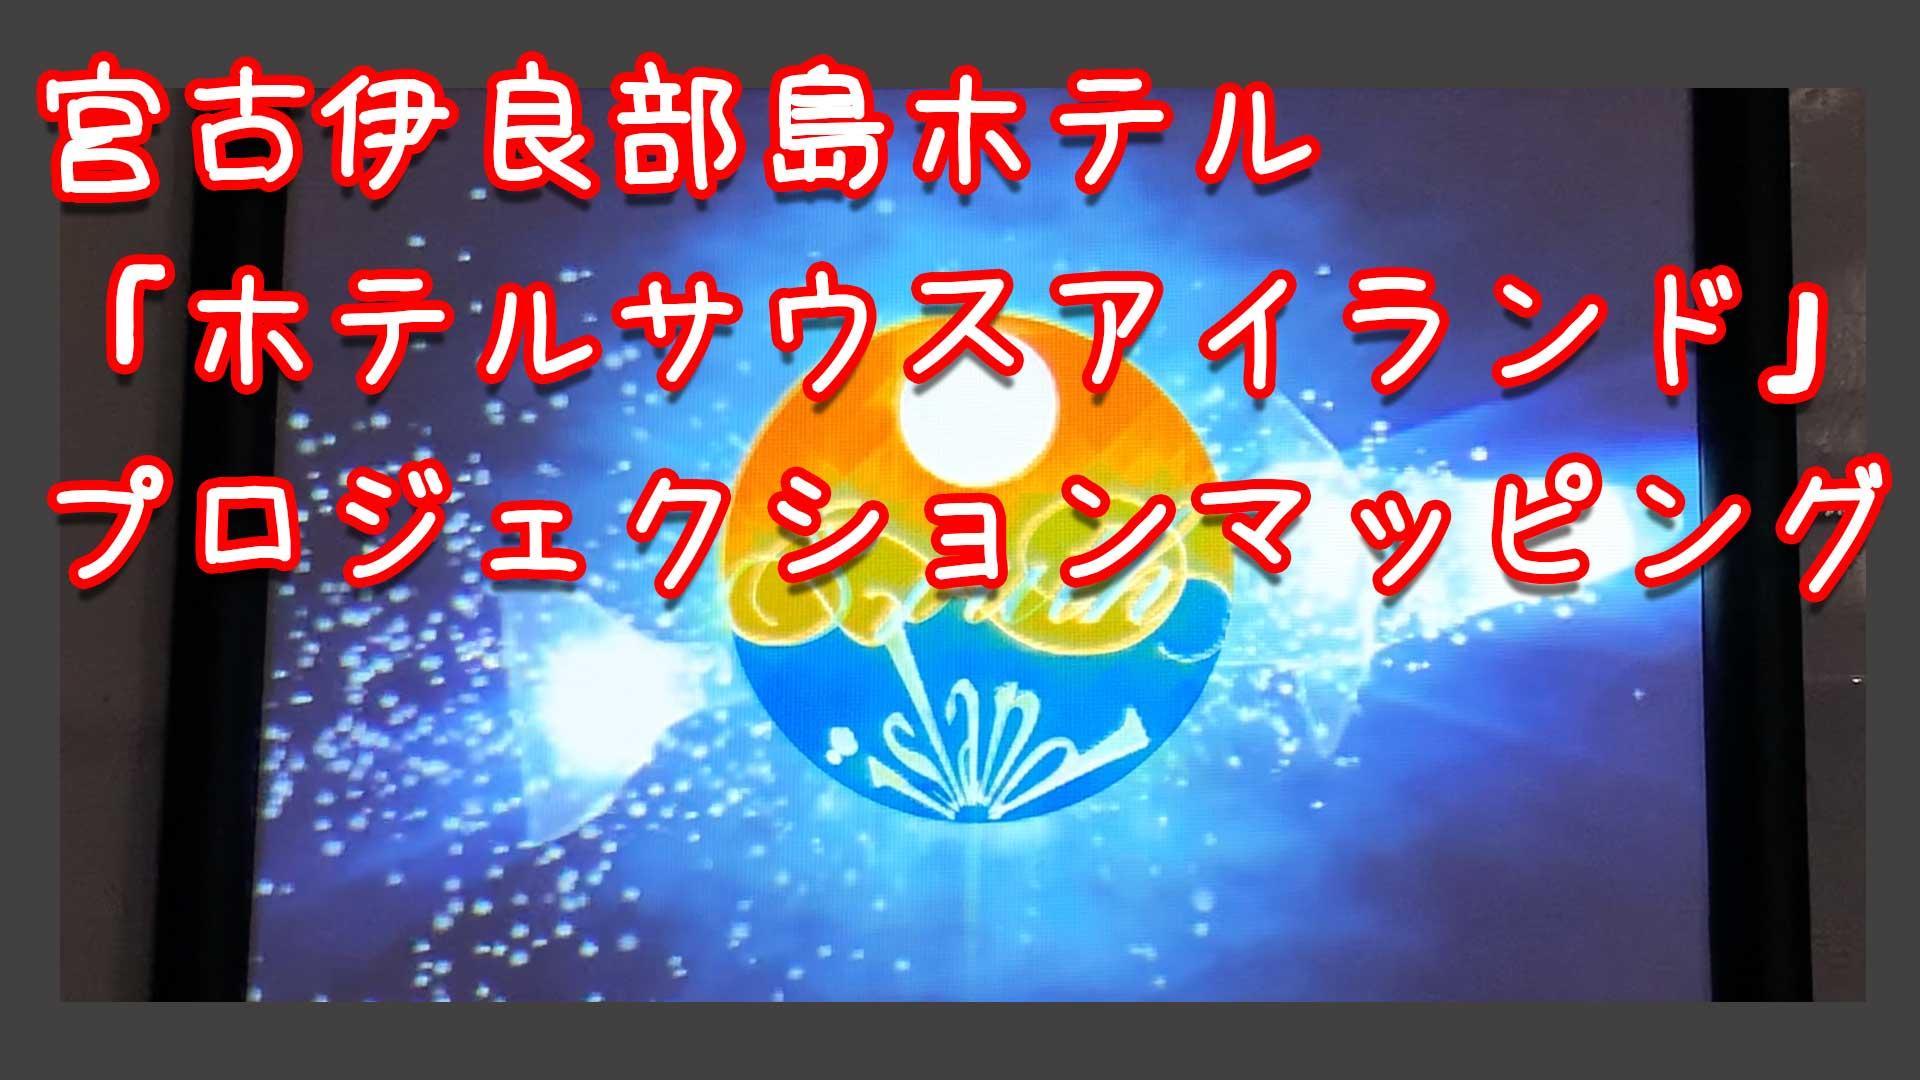 宮古島プロジェクションマッピング